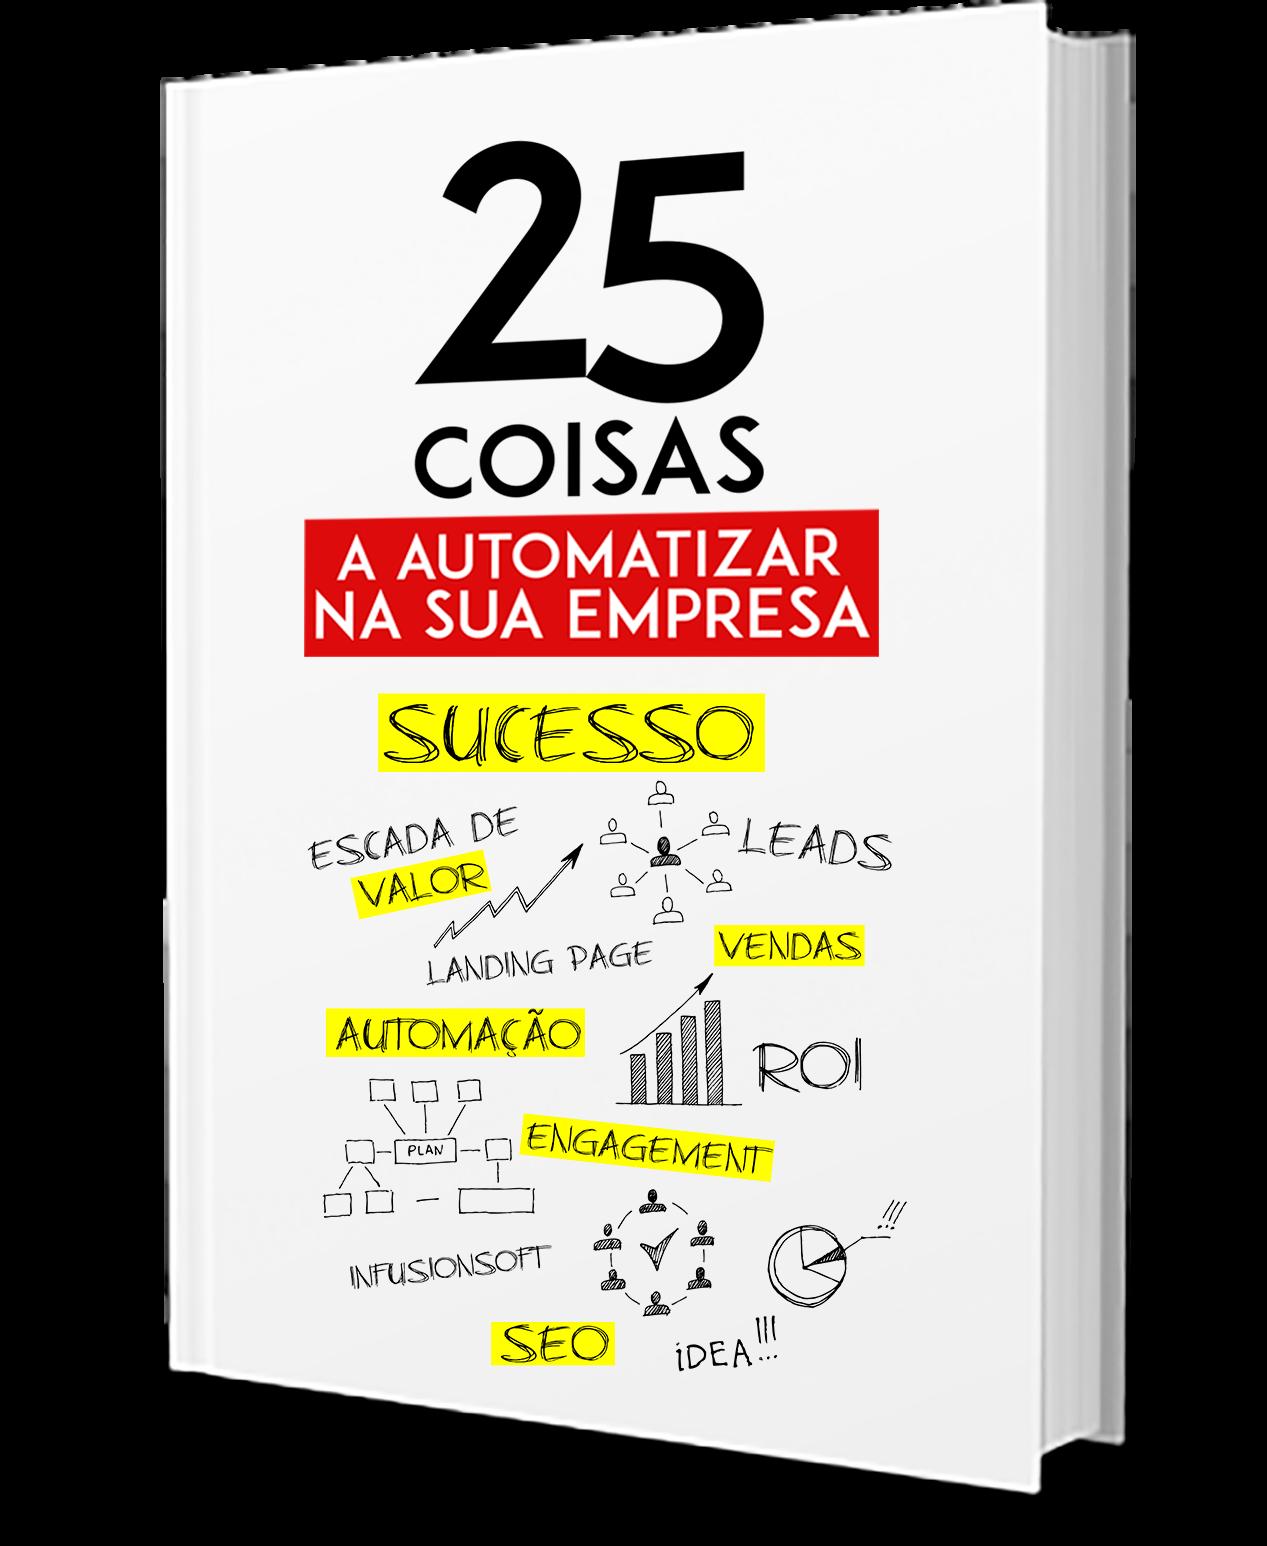 25 Coisas a AUTOMATIZAR na sua Empresa